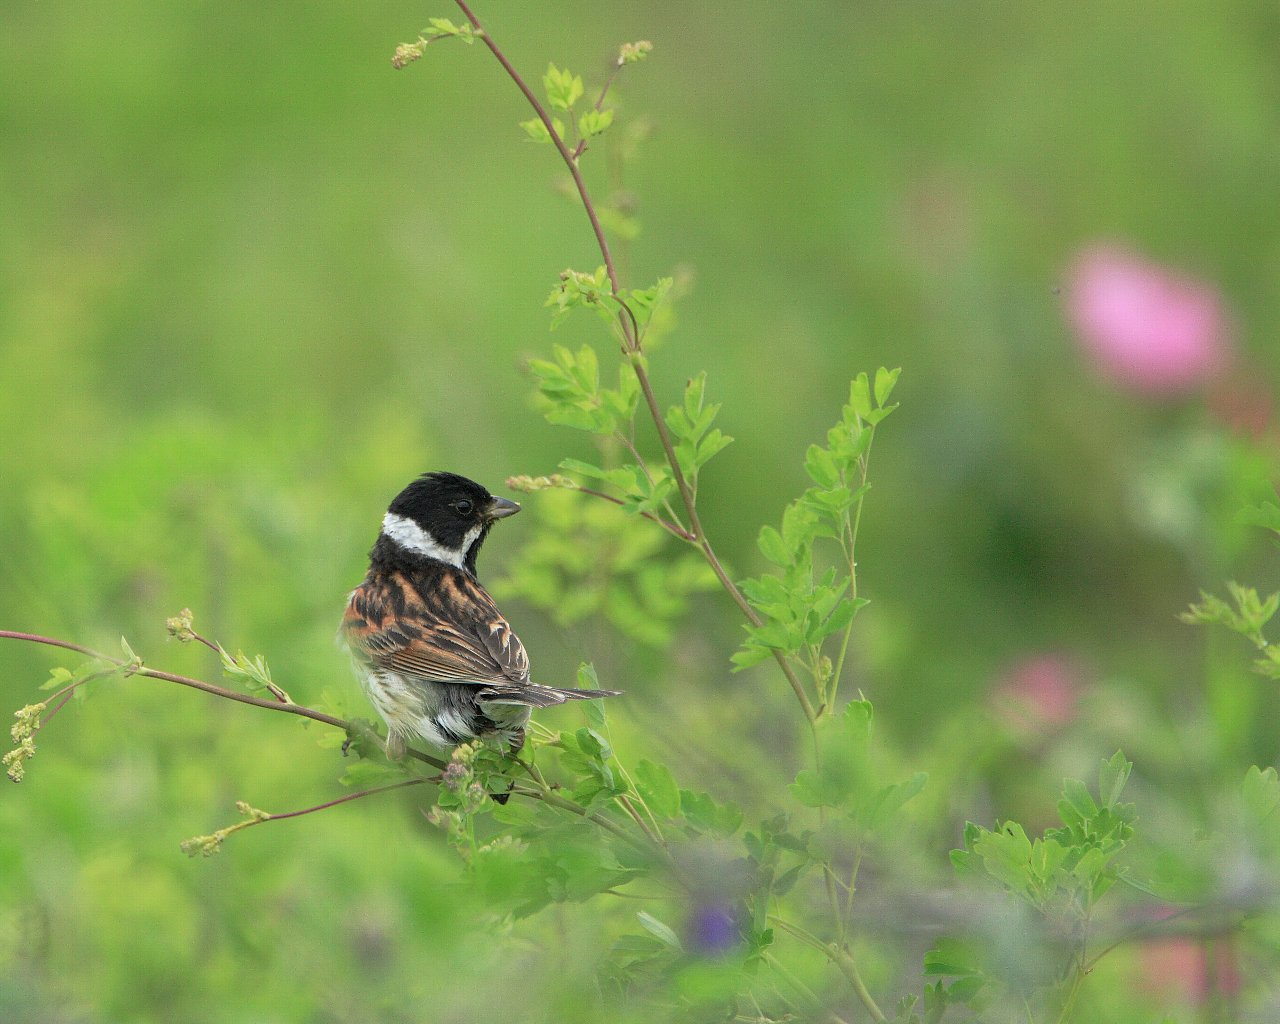 原生花園の野鳥達その4 今日の鳥は渋好み?_f0105570_2214569.jpg